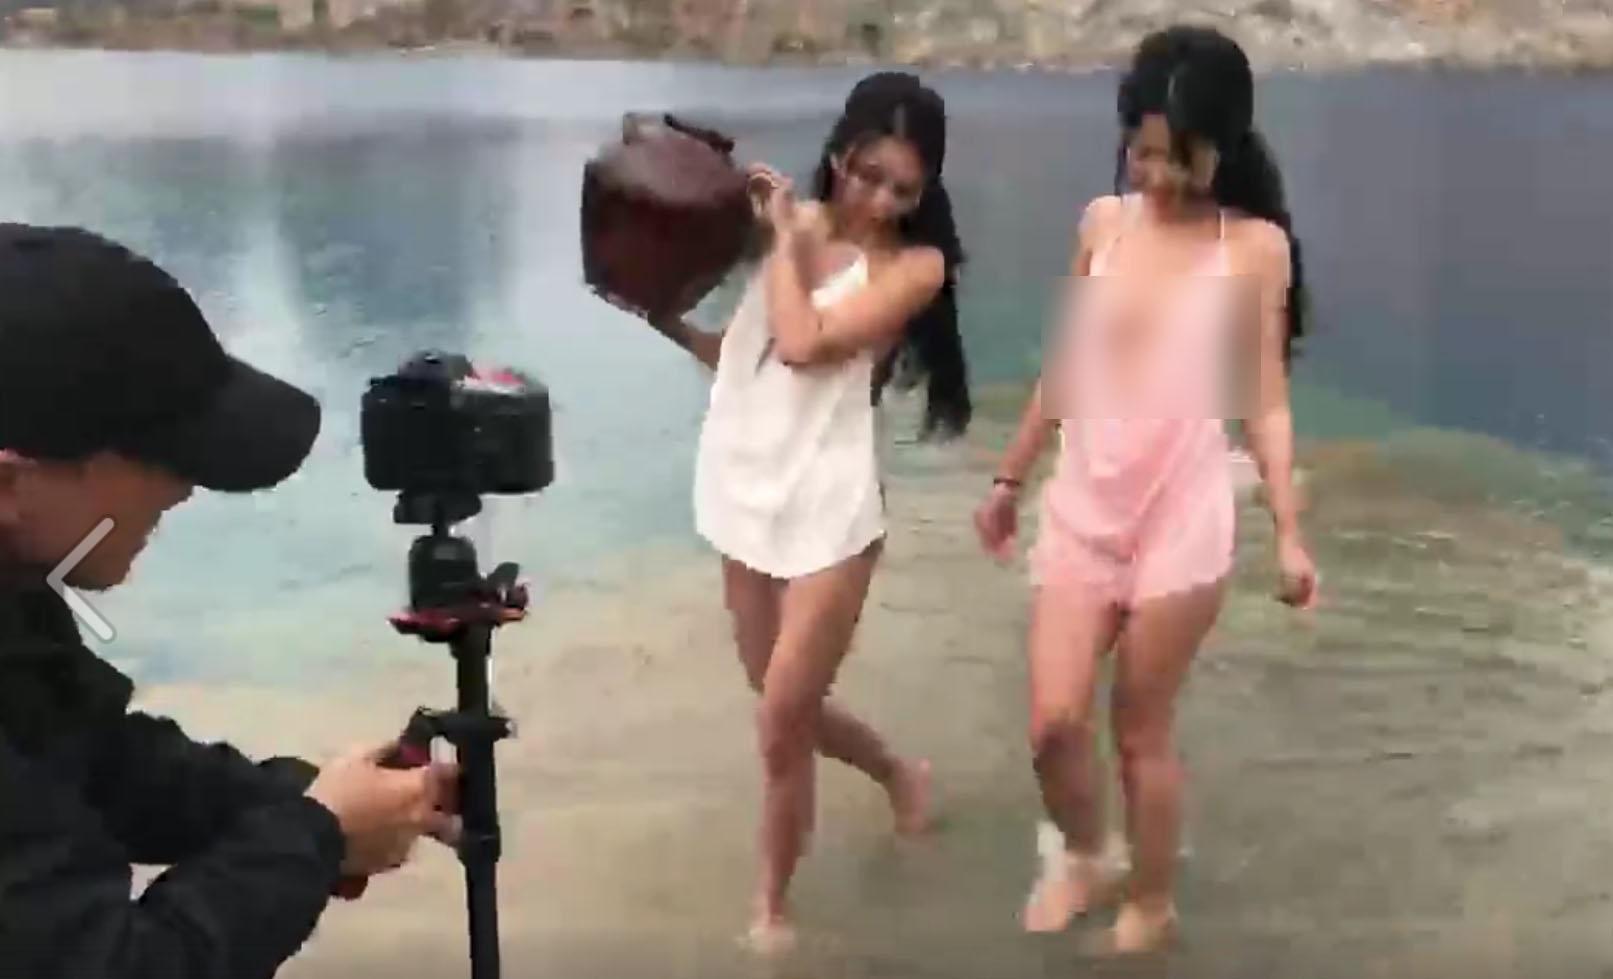 Đời sống: Hai cô gái chụp ảnh gợi cảm ở